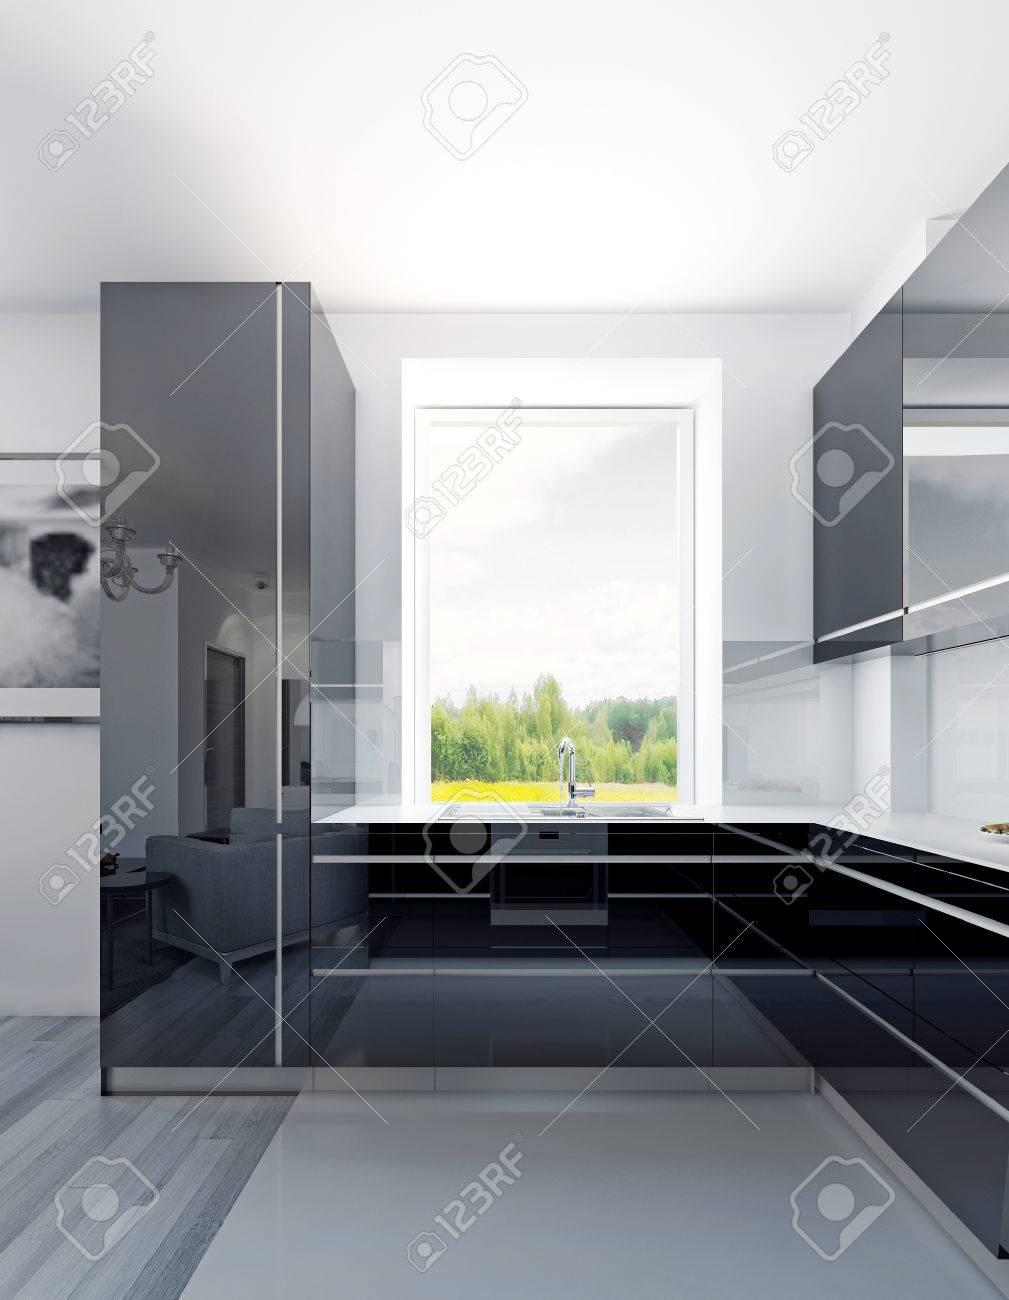 Cocina De Lujo Con Luz De Día. Muebles De Acrílico Negro A Color Con ...